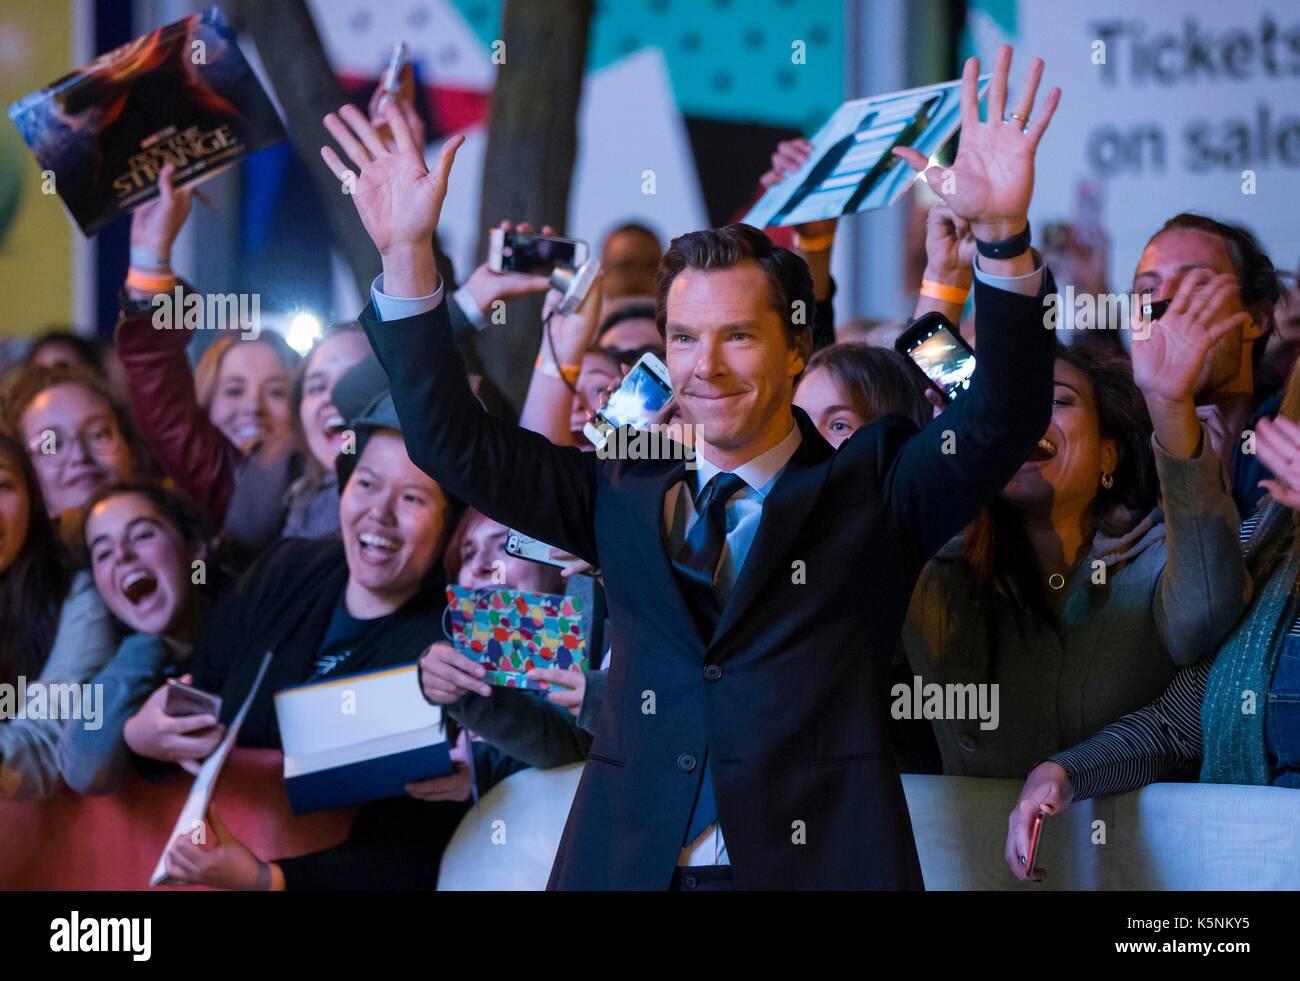 Toronto, Canada. 9 Sep, 2017. attore benedetto cumberbatch (anteriore) pone per le foto con i fan come frequenta Immagini Stock